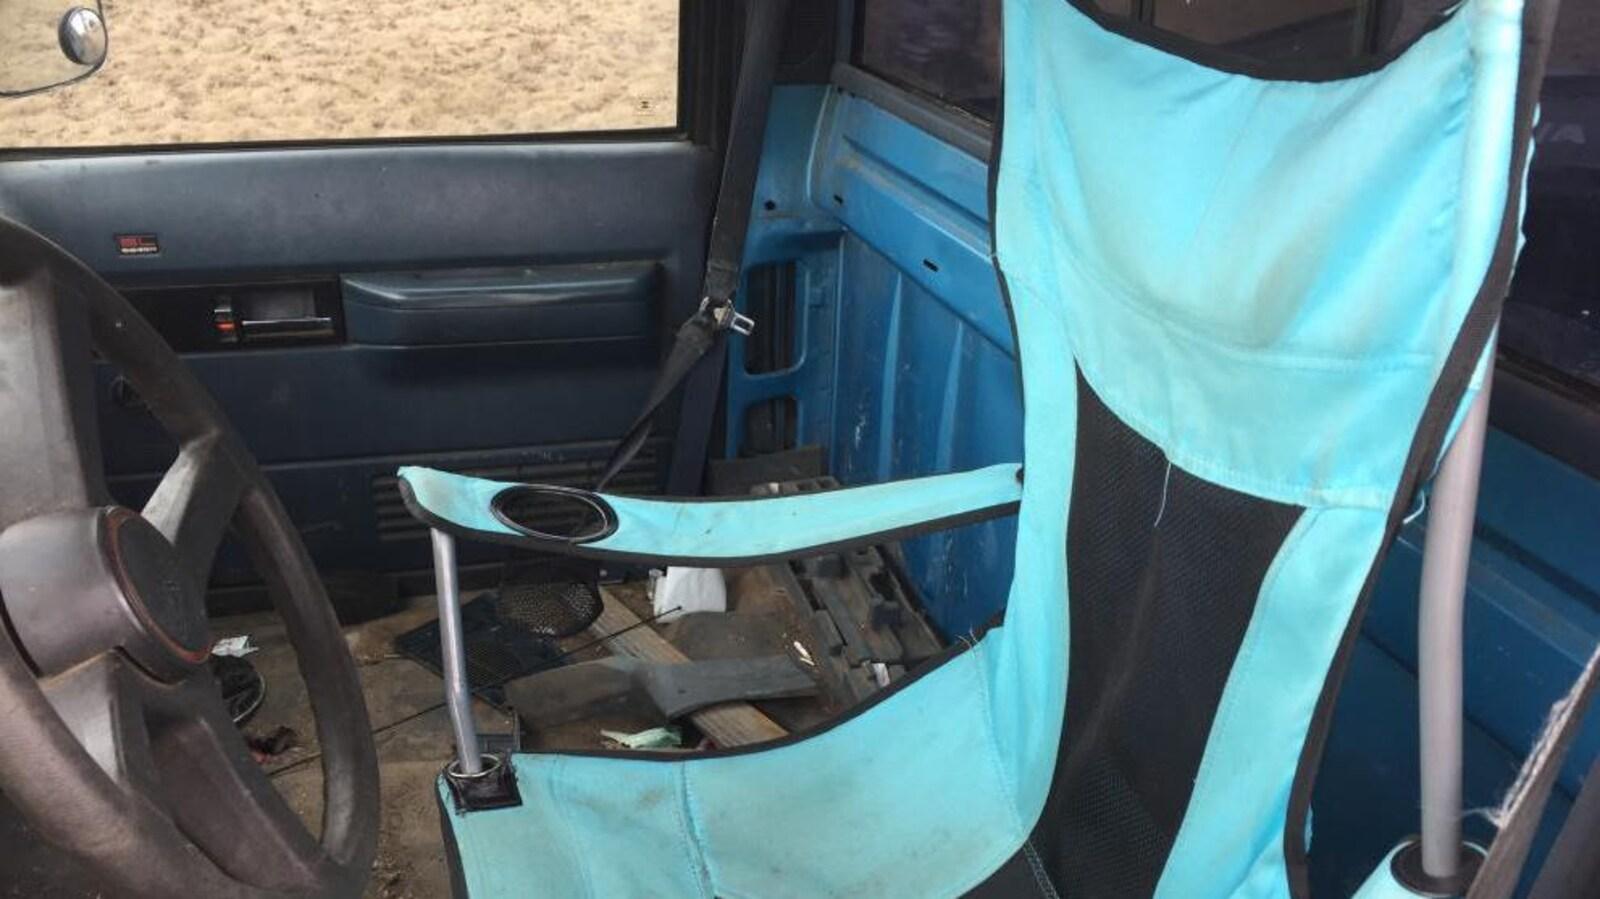 Une chaise pliante à l'avant d'une camionnette.